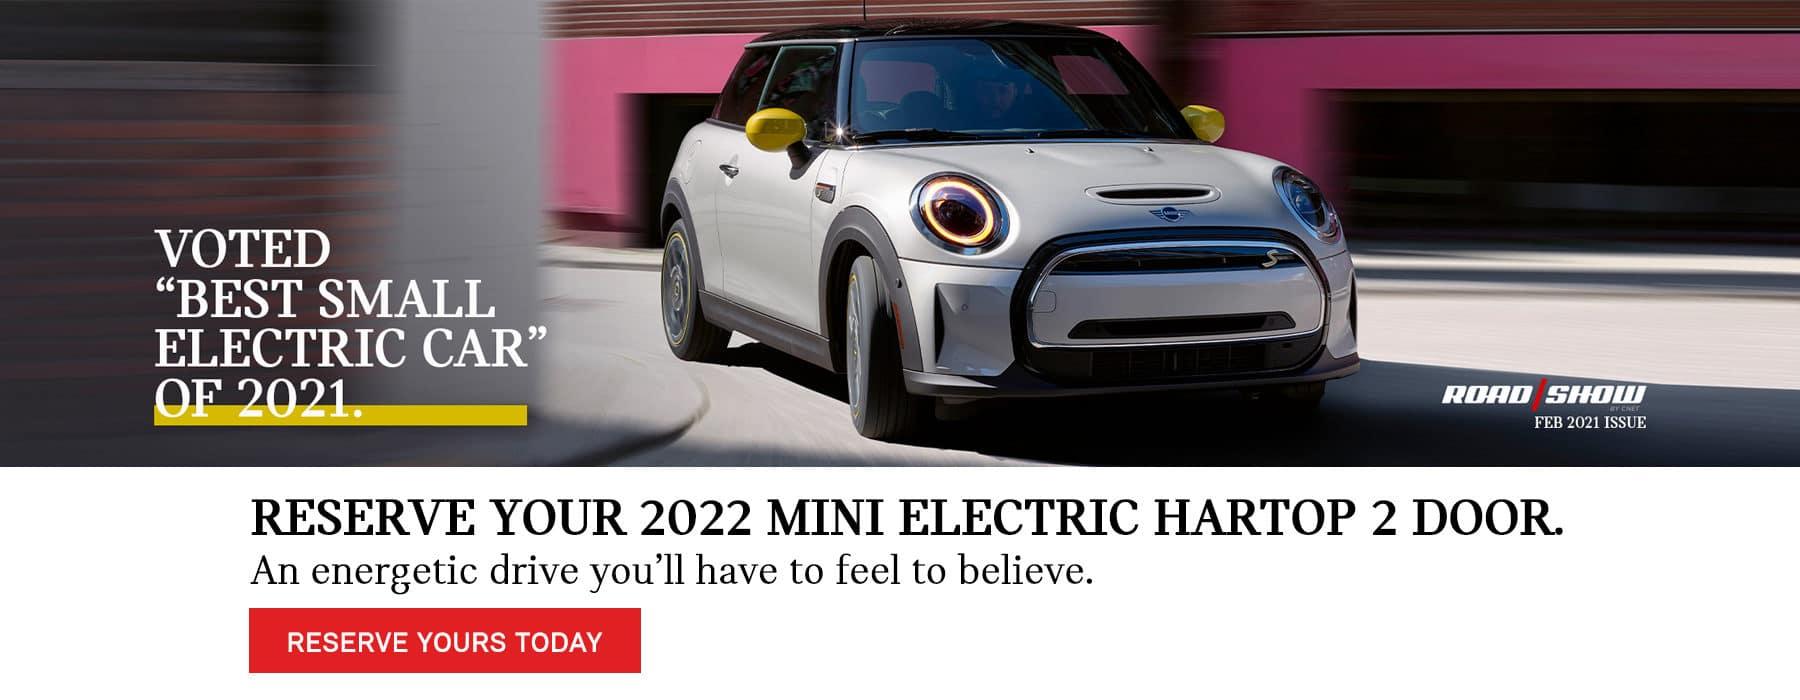 Reserve your 2022 MINI electric hardtop 2 door